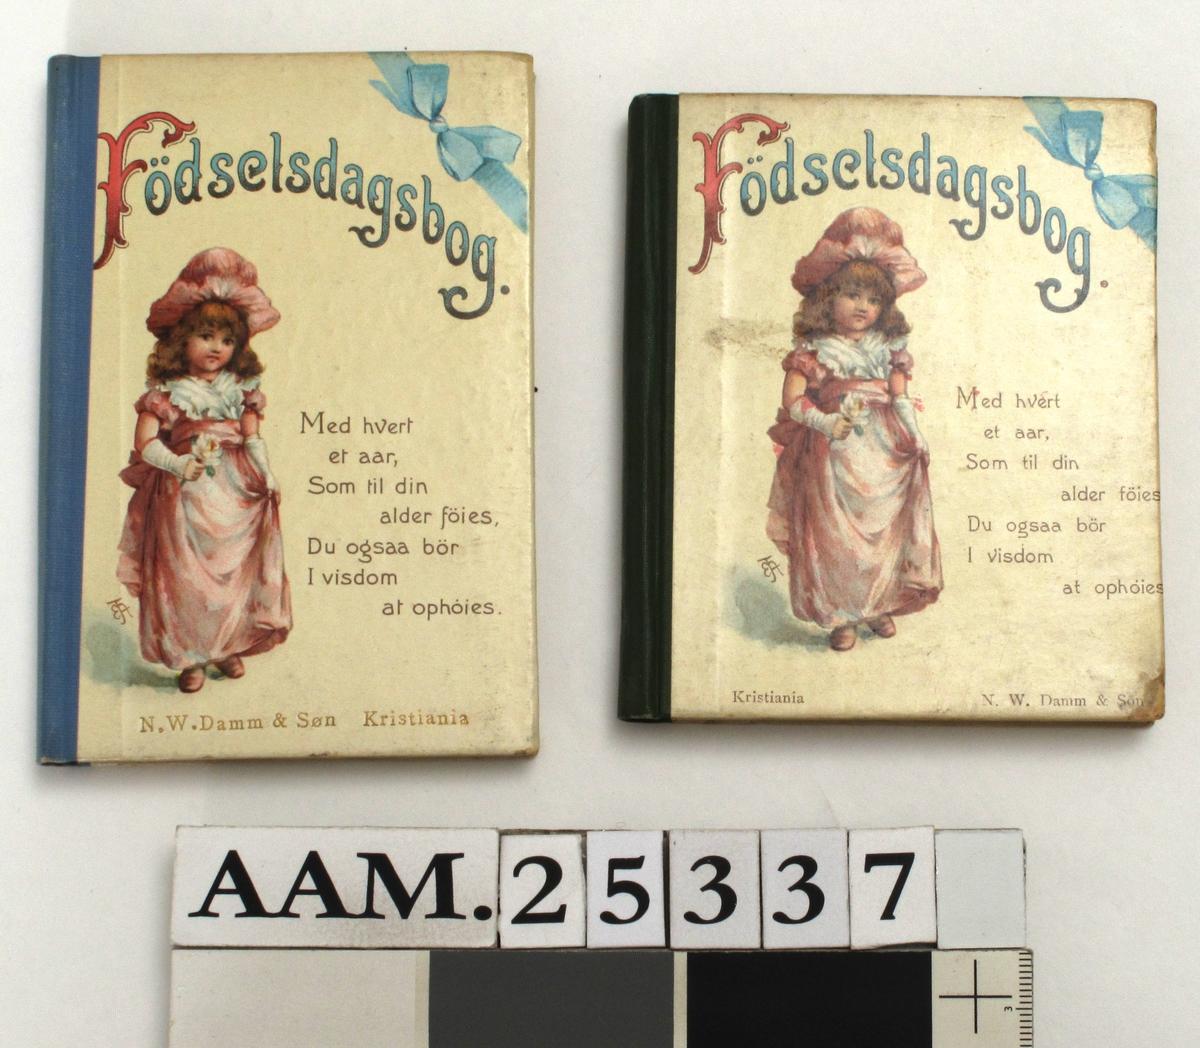 """Fødselsdagbog, 2 stk. N. W.Damm & Søn, Kria. ca. 1904.  a)  dedikasjon """"  Til moder fra Gunnar. Julaften 04 12 011. 11  Rygg grønn shirting. 10,7 x 9 cm.  b)rygg blå shirting. 12,2 x 8,5 cm.  Bøkene er en tanke forskjellige og representerer to forskjellige utgaver.  a) litt slitt, b) god Tilstand.    a) Tilhørt fru Sophie Krøger, f. Olsen  b) frk. Ingrid Krøger eller søsteren Margr. Frederikke Strøm, f. Krøger."""